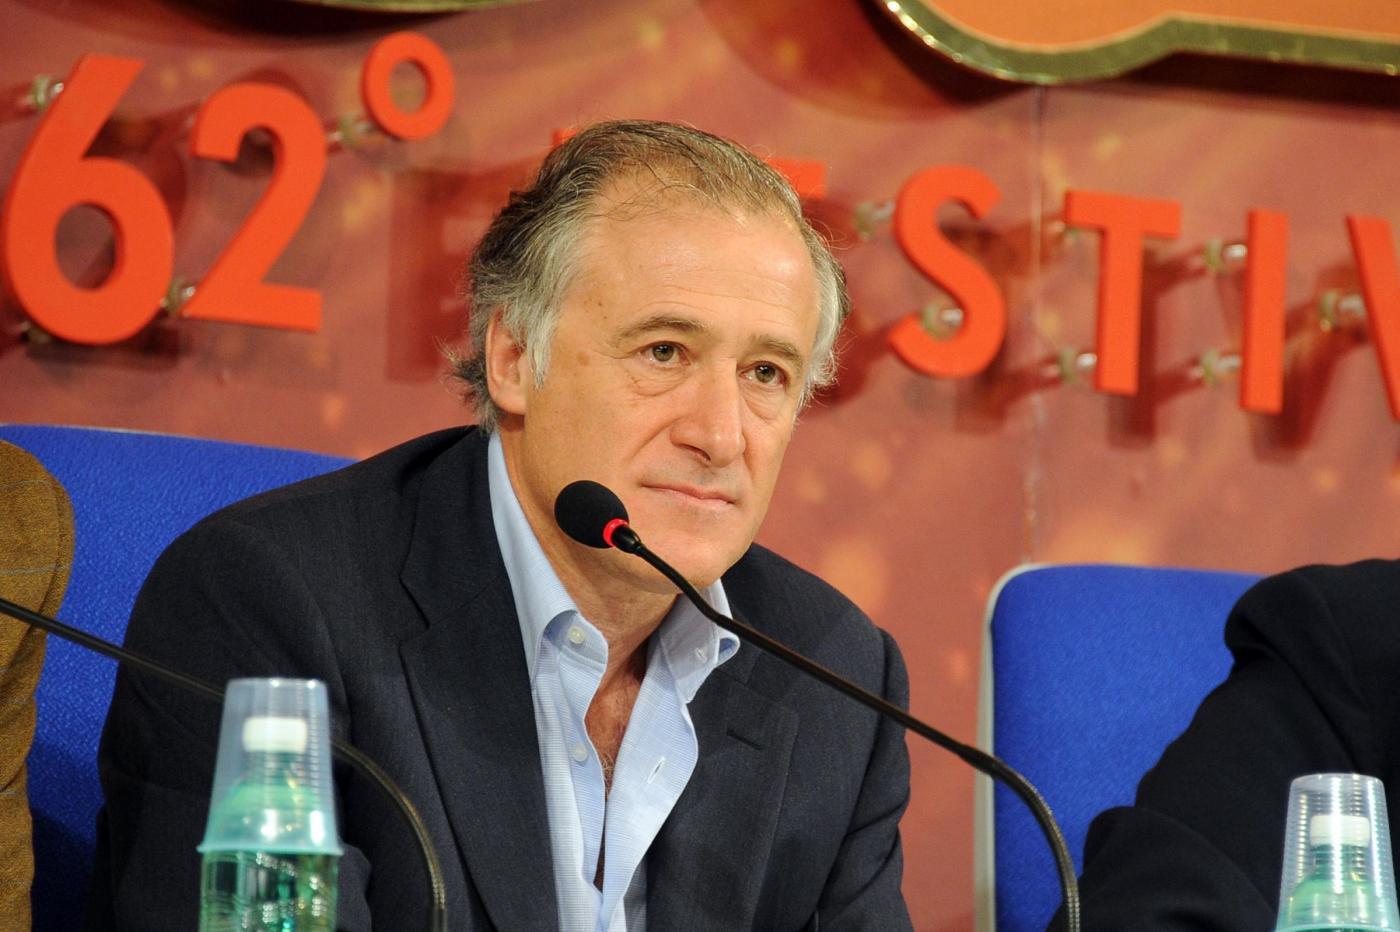 Sanremo 2012, Marano: 'Non sono qui per bloccare Celentano'. Il caso in CdA tra una settimana